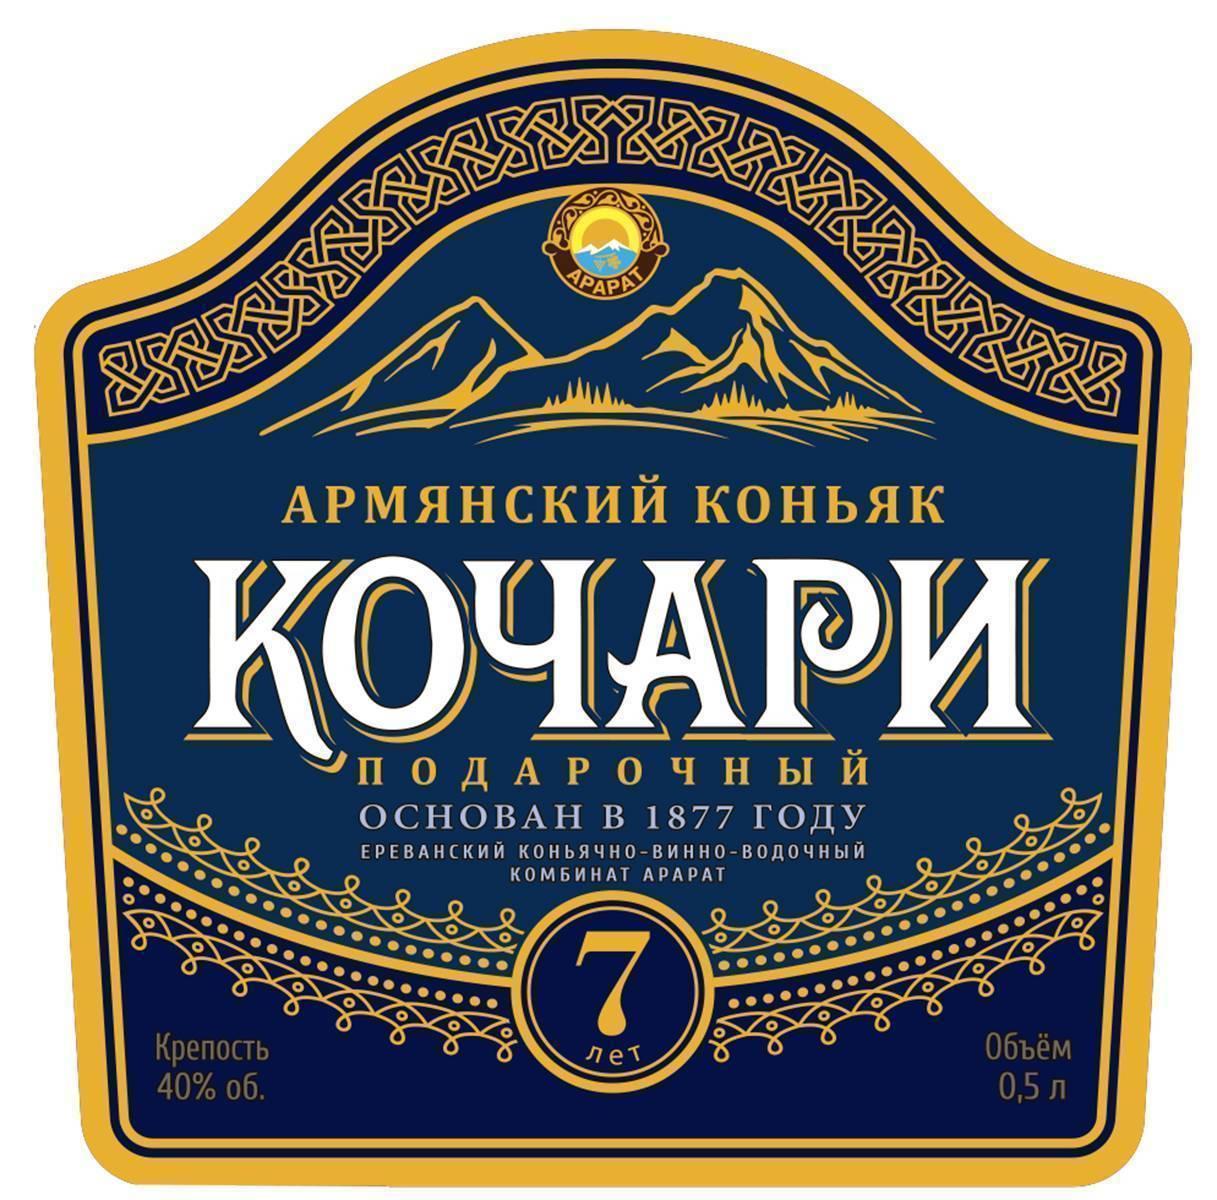 Коньяк кочари: дотягивает ли продукция известной армянской компании до высокой планки - международная платформа для барменов inshaker